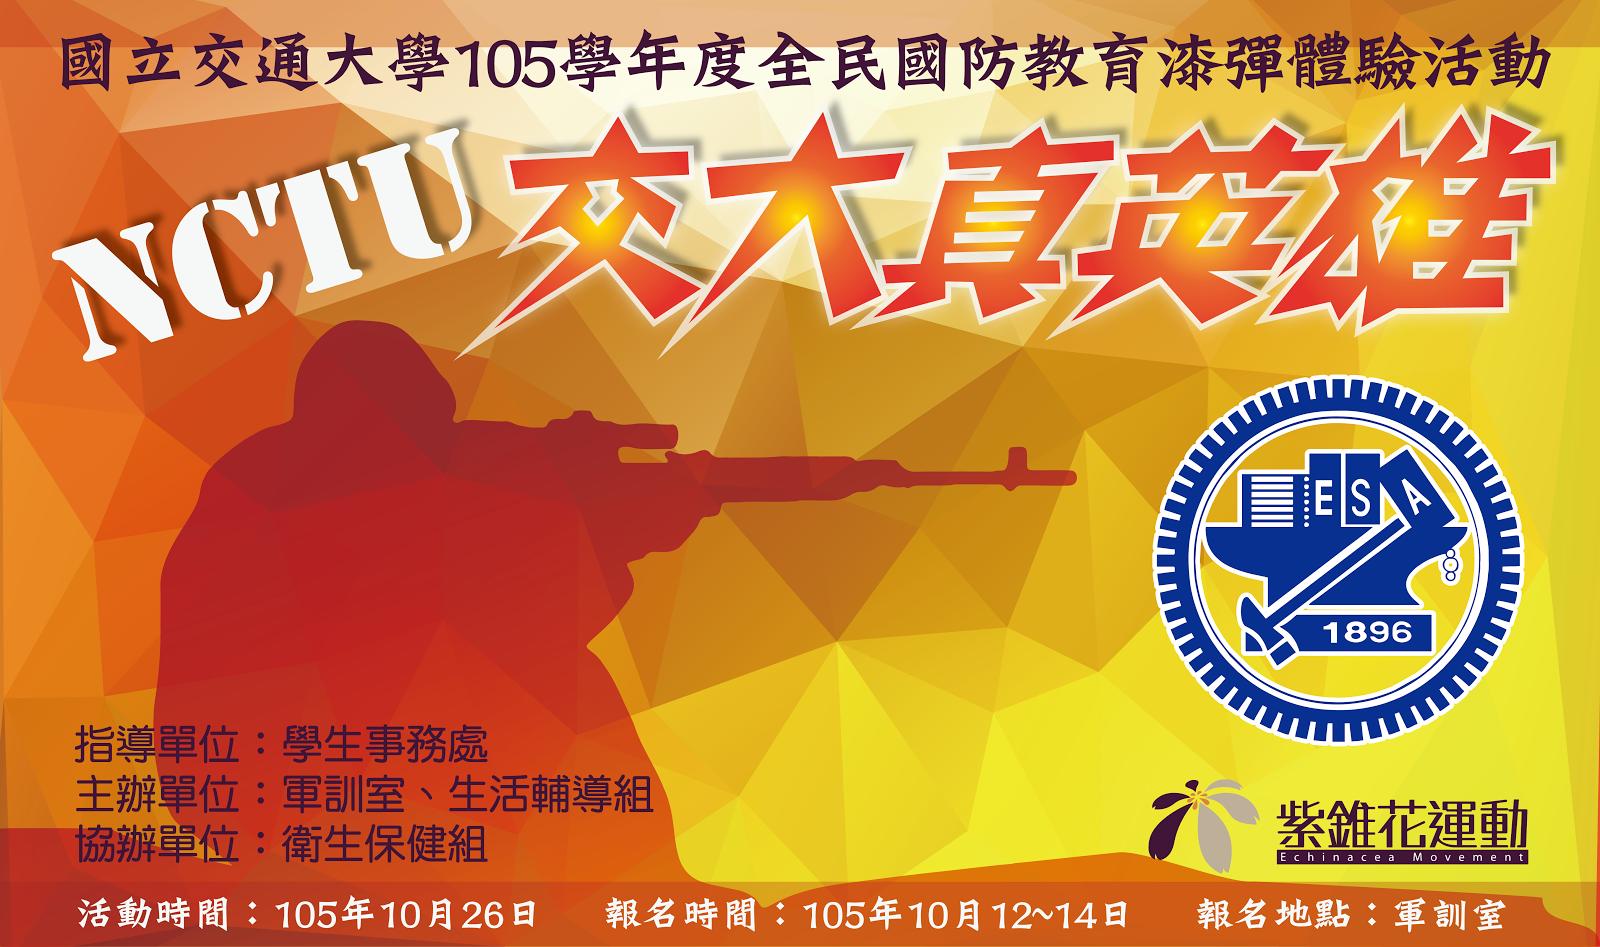 105年全民國防教育漆彈體驗活動